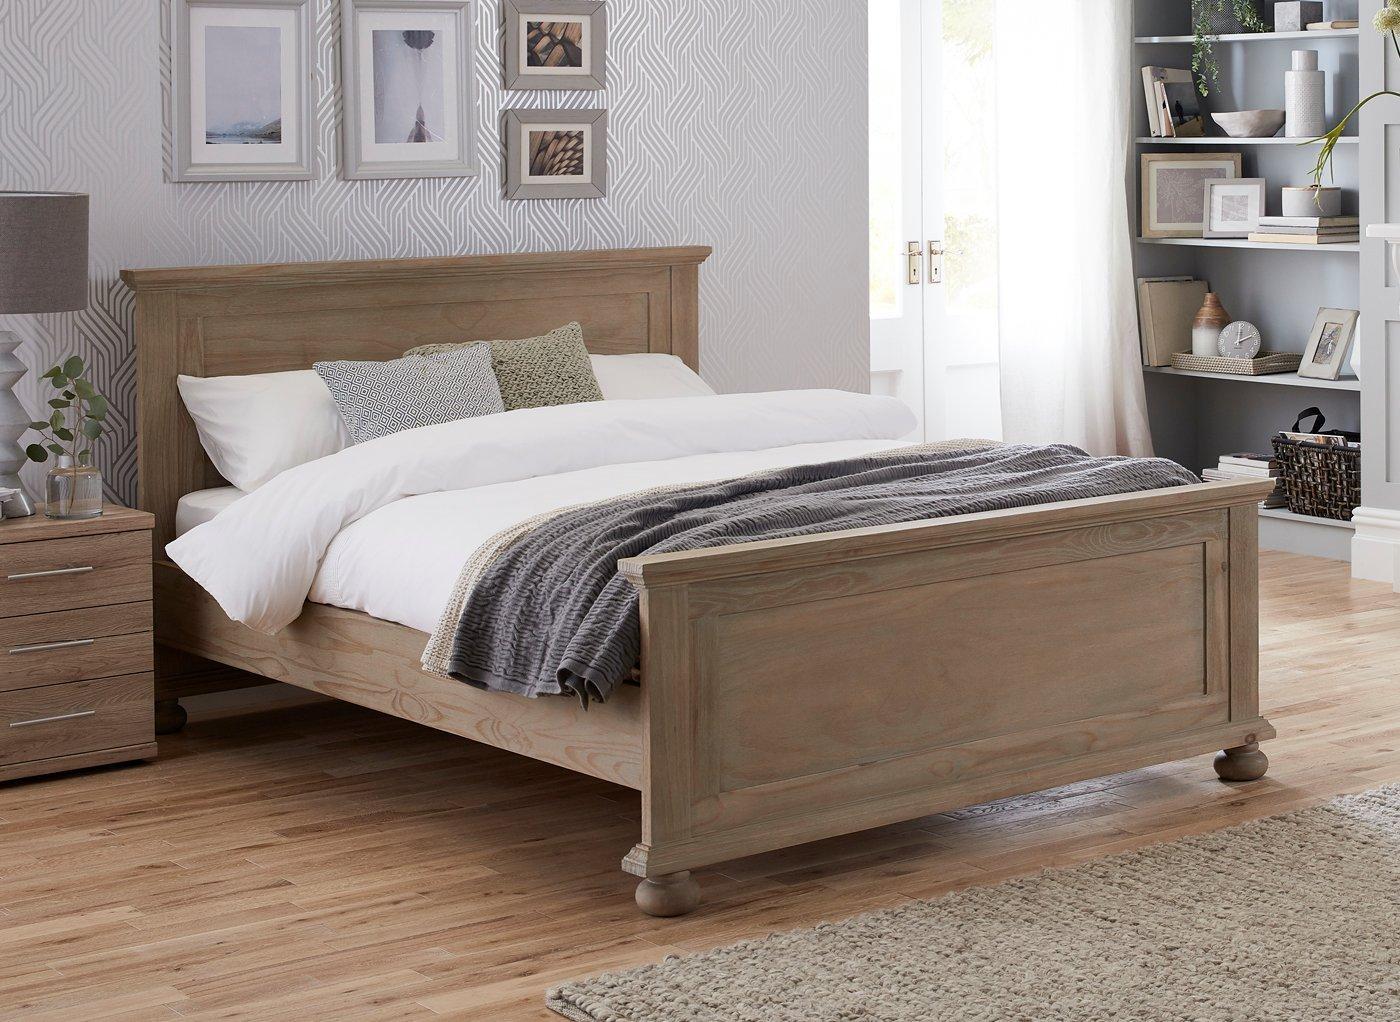 Wooden Beds Superb Range Of Solid Wood Bed Frames Dreams